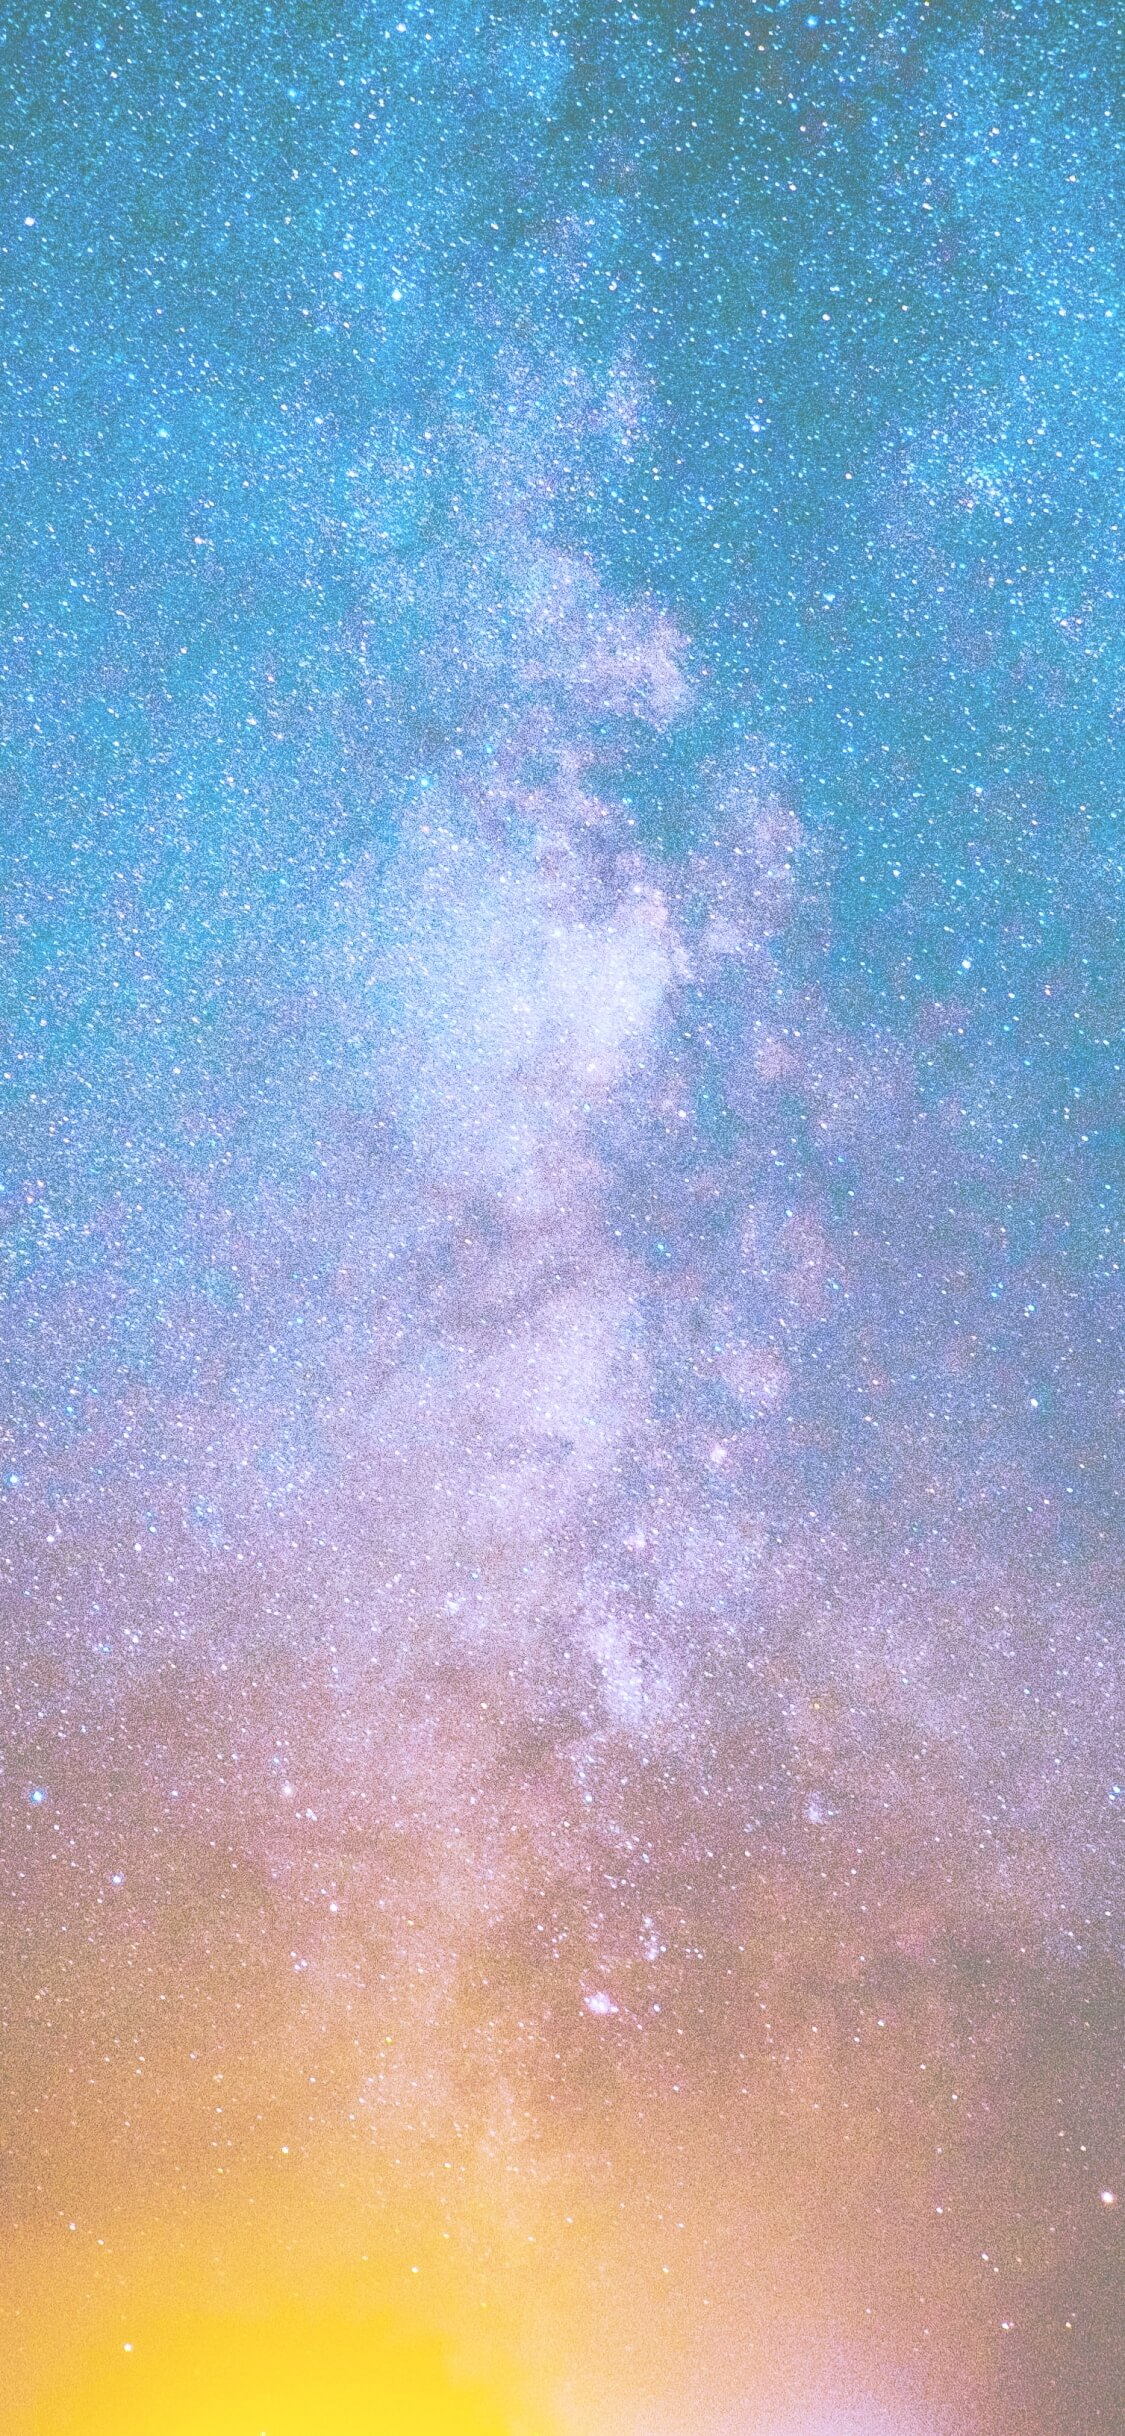 ブルーの星空2